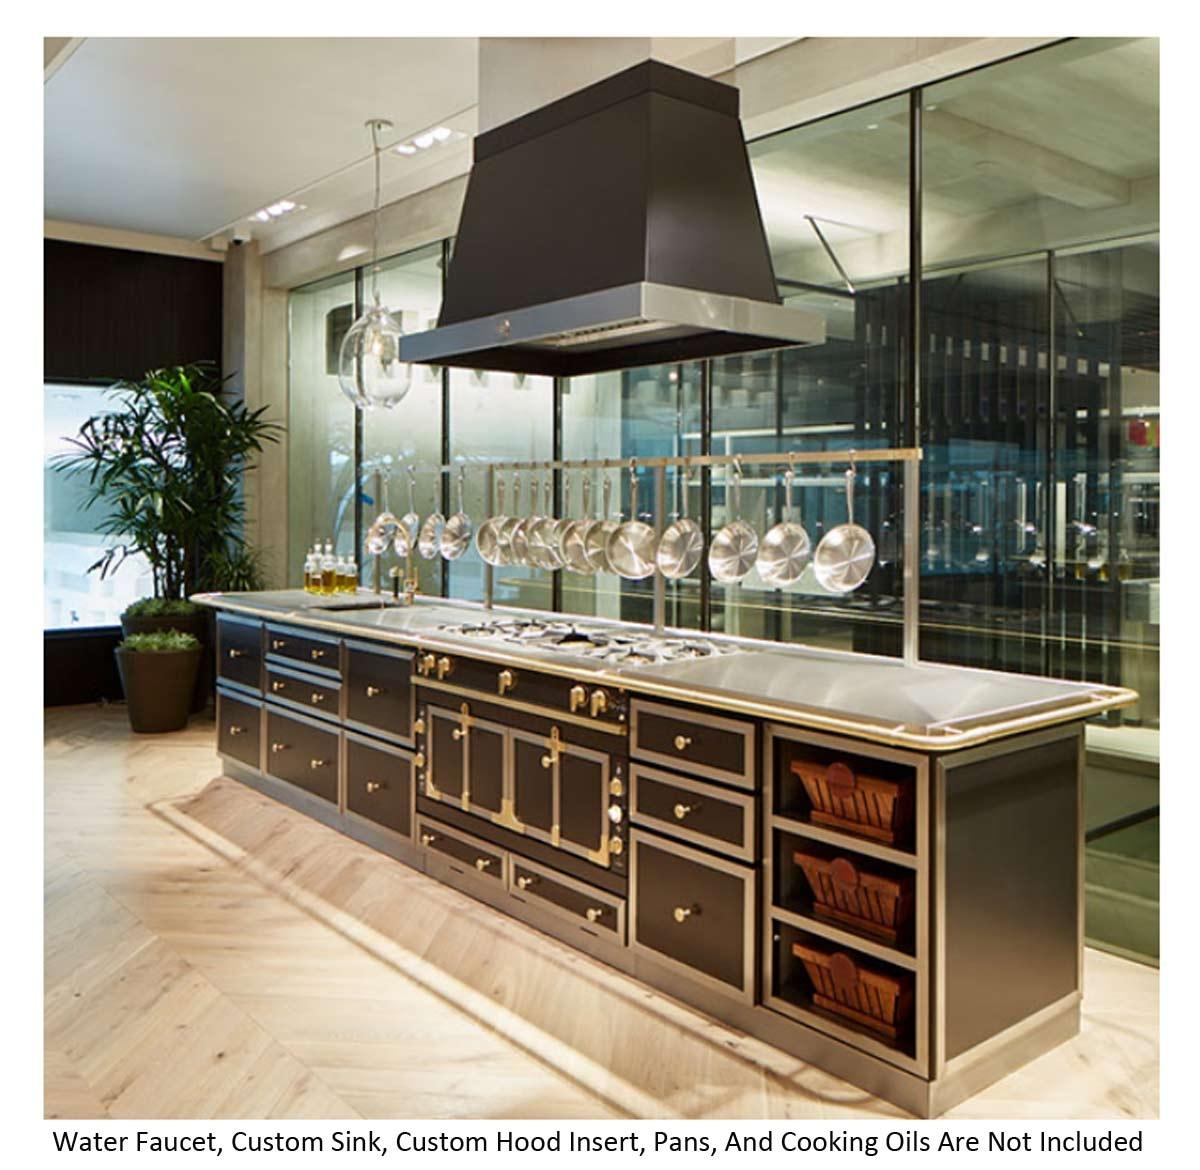 la cornue chateau 120 dual fuel range island chateau120ile. Black Bedroom Furniture Sets. Home Design Ideas